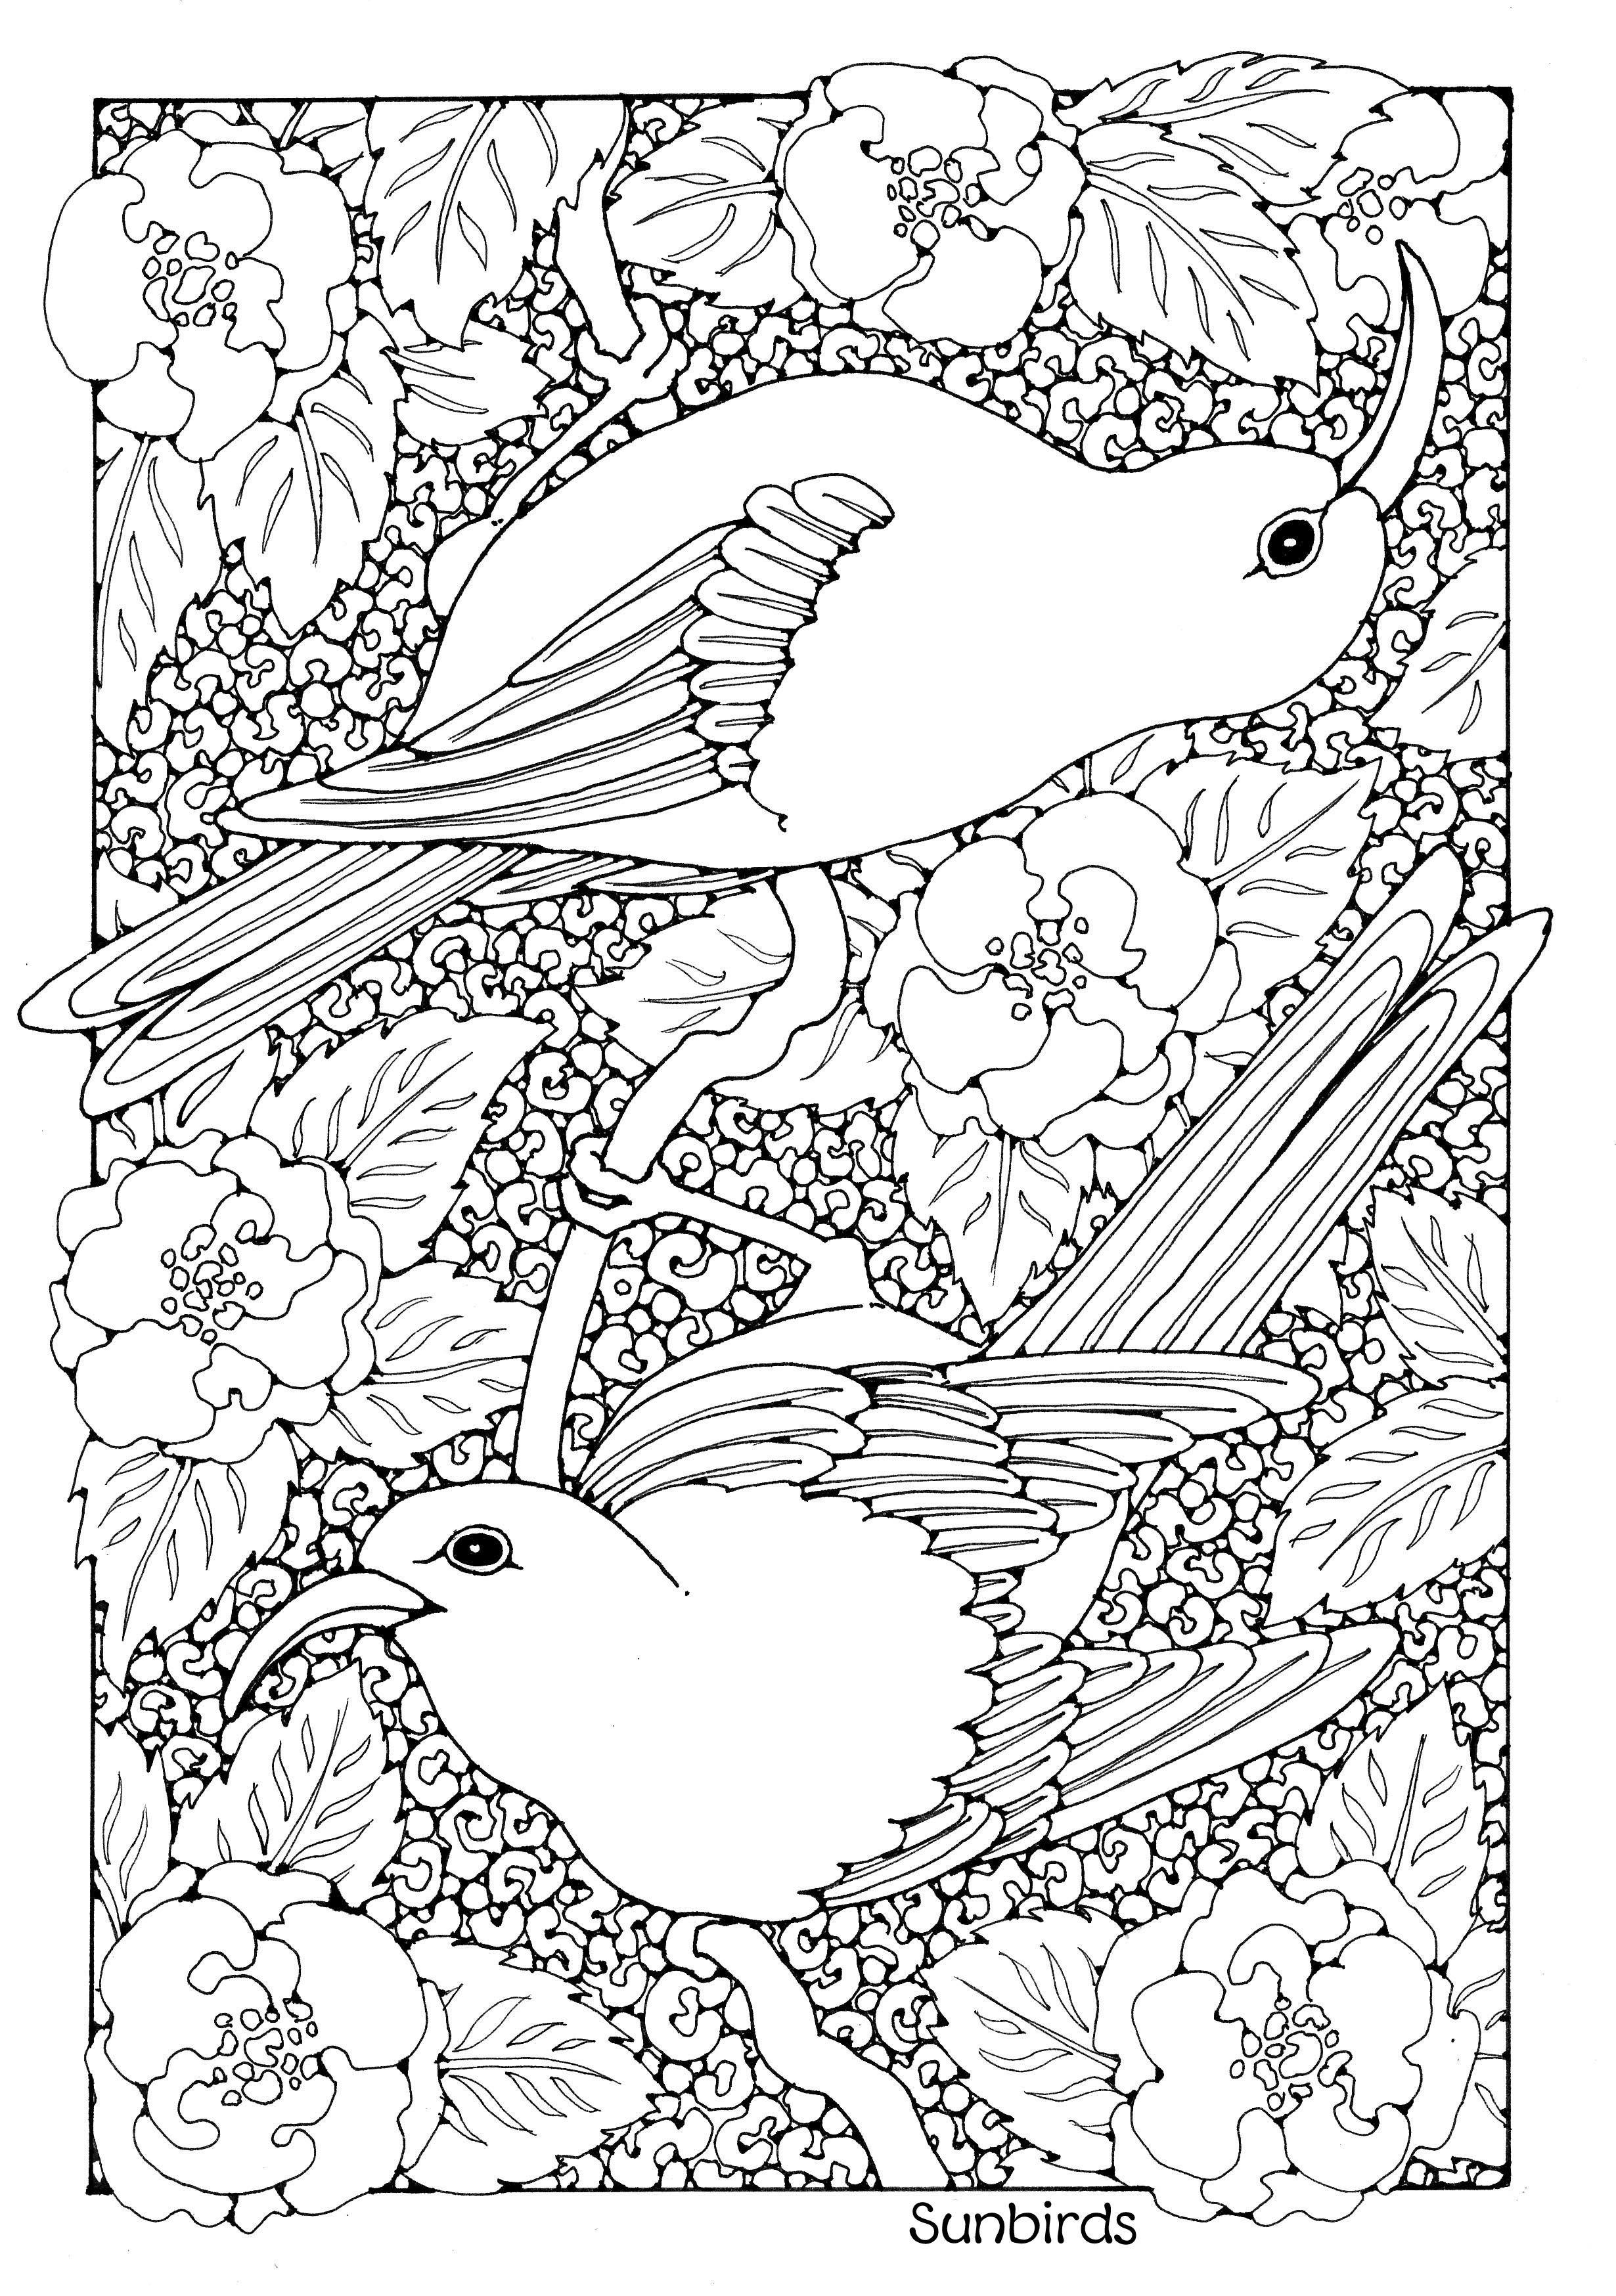 Excepcional Colorear Chickadee Adorno - Dibujos Para Colorear En ...